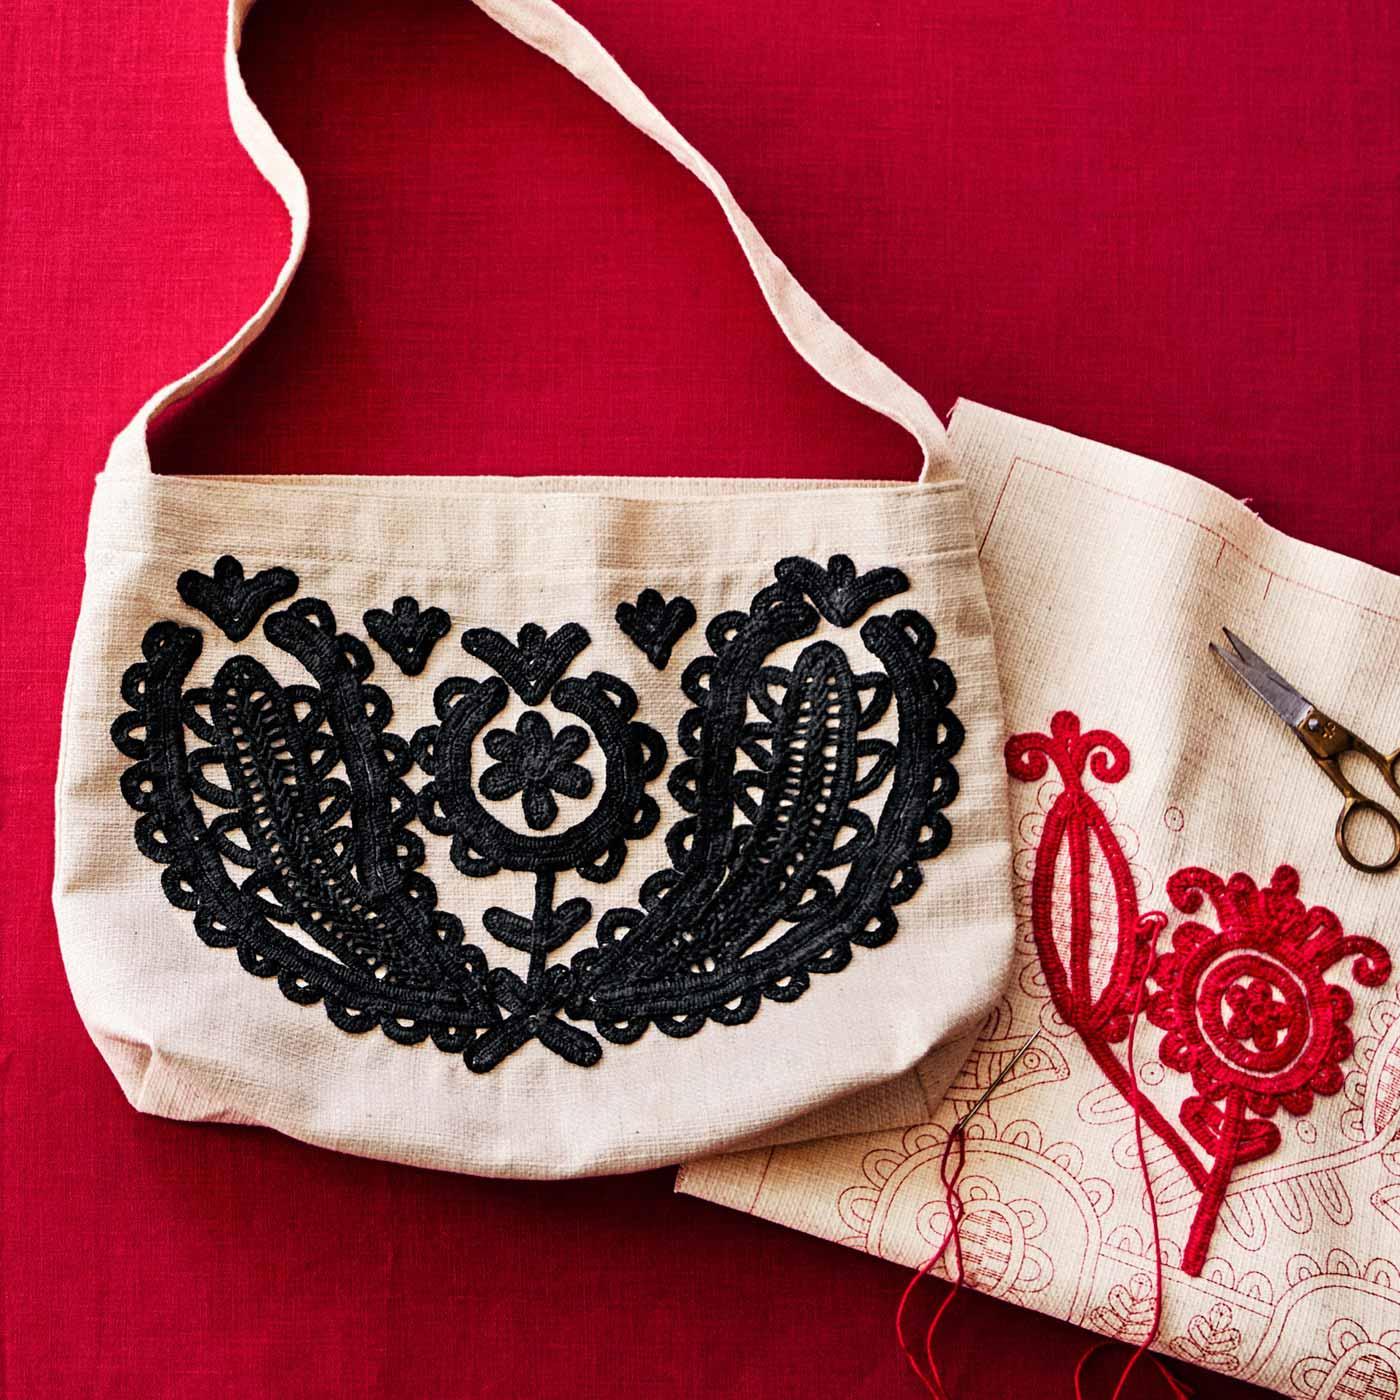 フェリシモ トランシルヴァニアからの贈りもの イーラーショシュのバッグの会